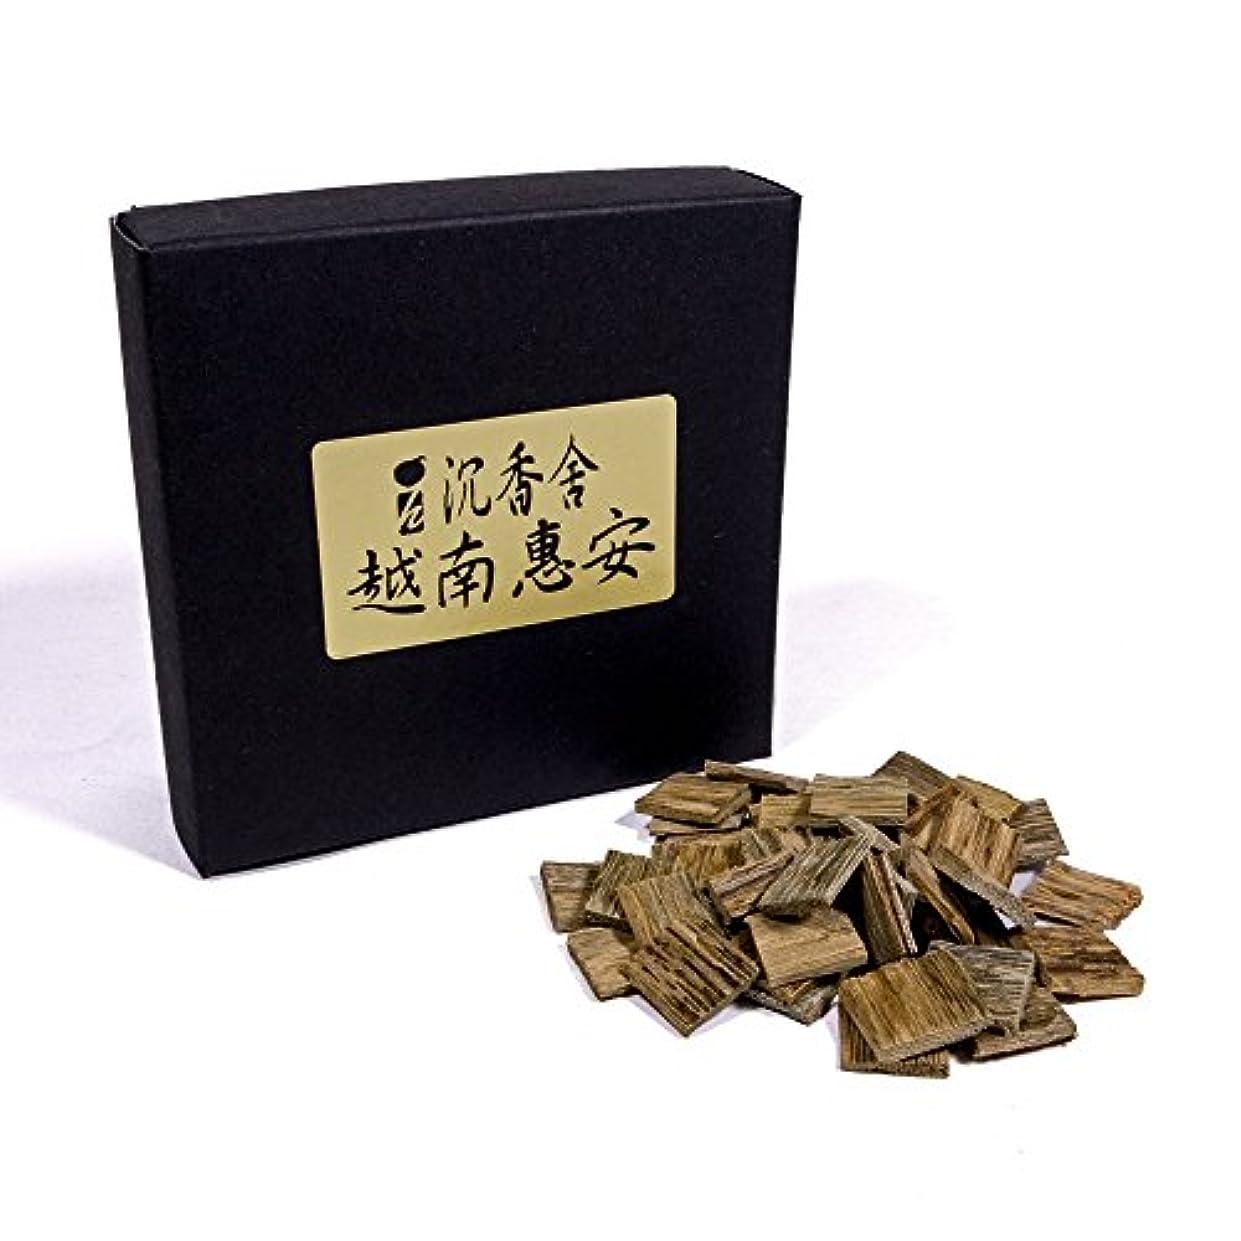 個人的な蒸留する追い払う越南惠安 沈香角割刻み ベトナム産 沈香 5g お香 お焼香 焼香 天然沈香香木刻み こづつ用